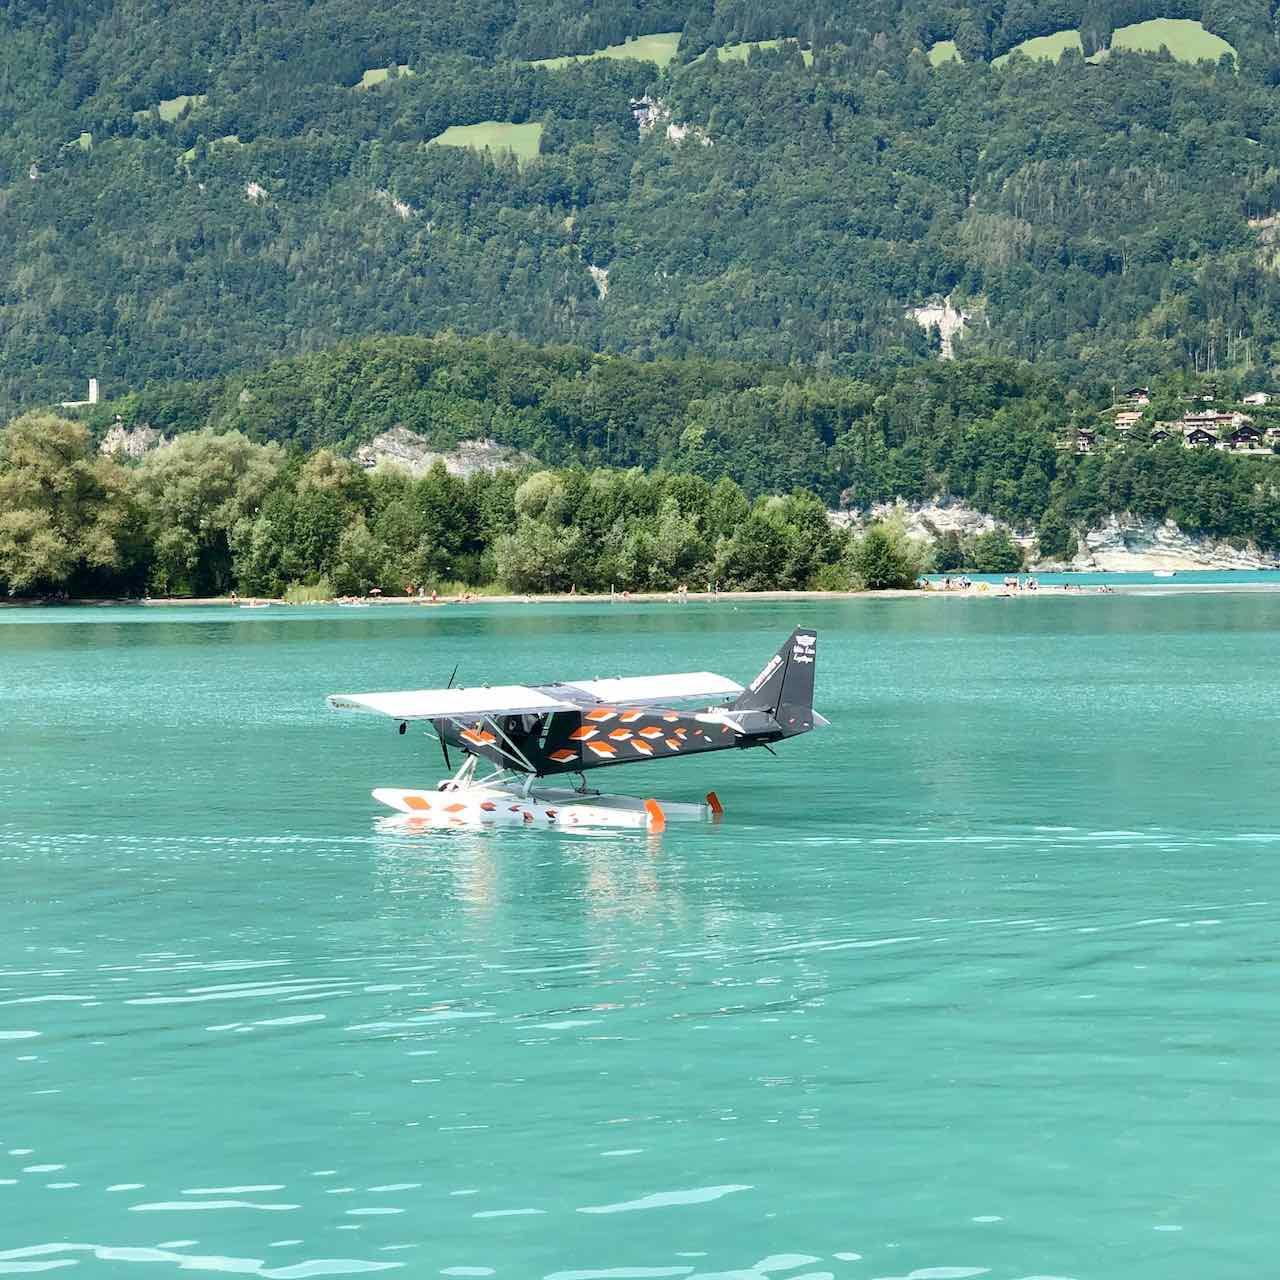 Wasserflugzeuge 2020 - 4 von 15.jpeg